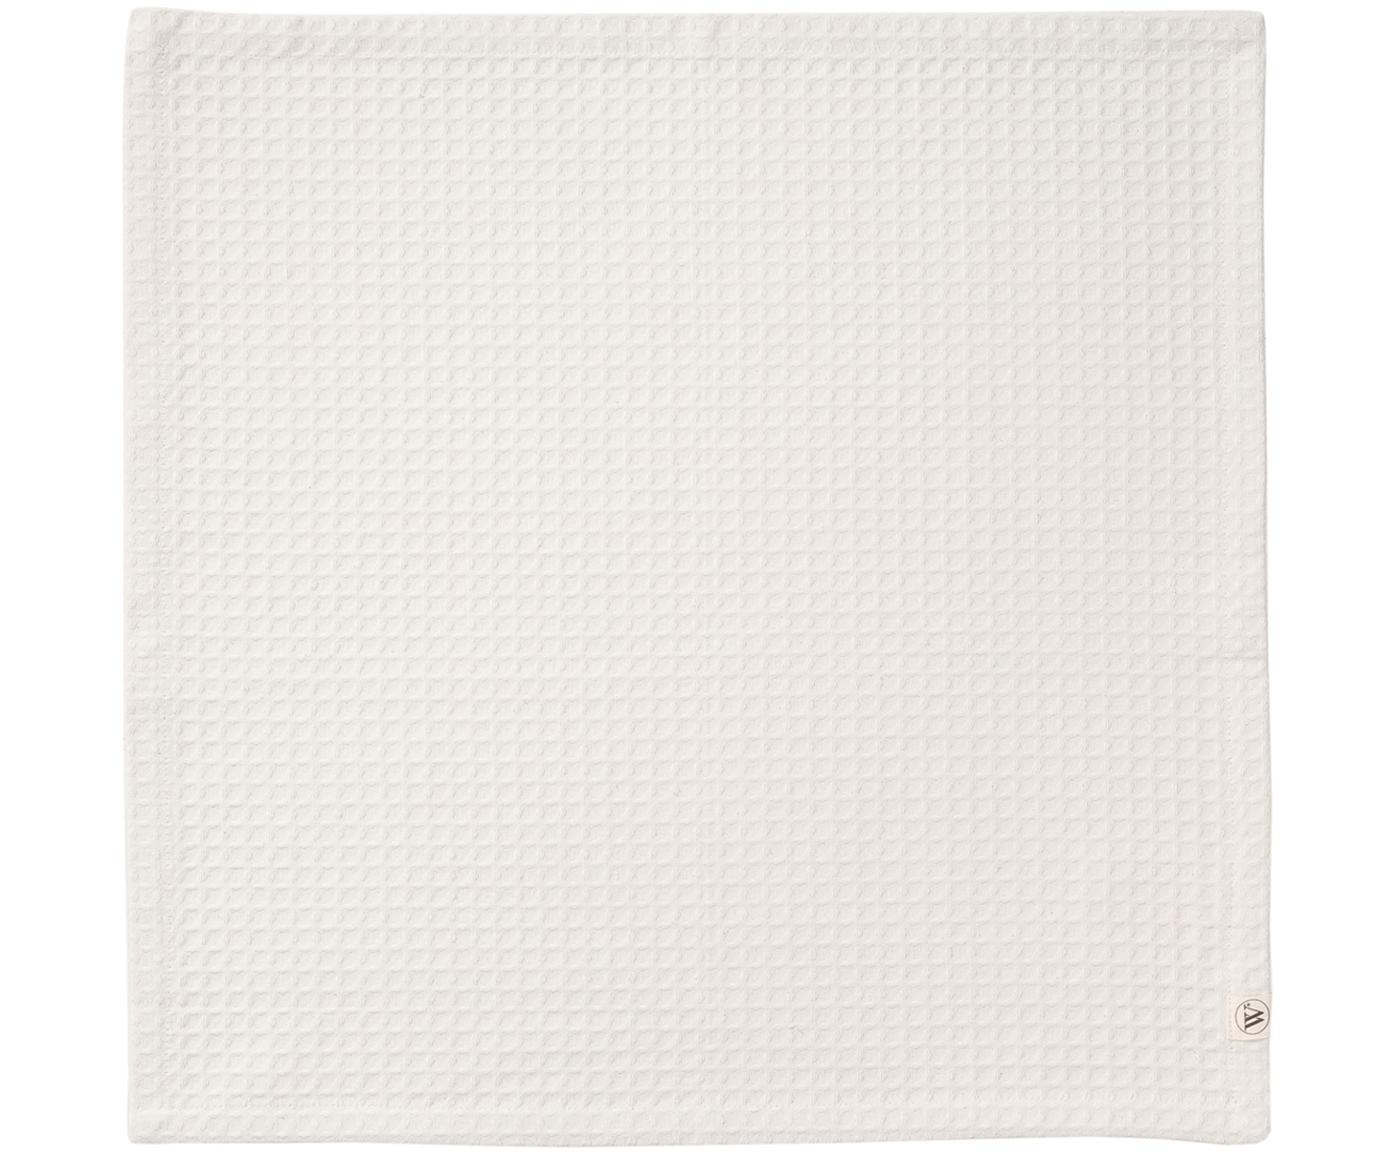 Servetten Cubes, 6 stuks, Katoen, Gebroken wit, 50 x 50 cm